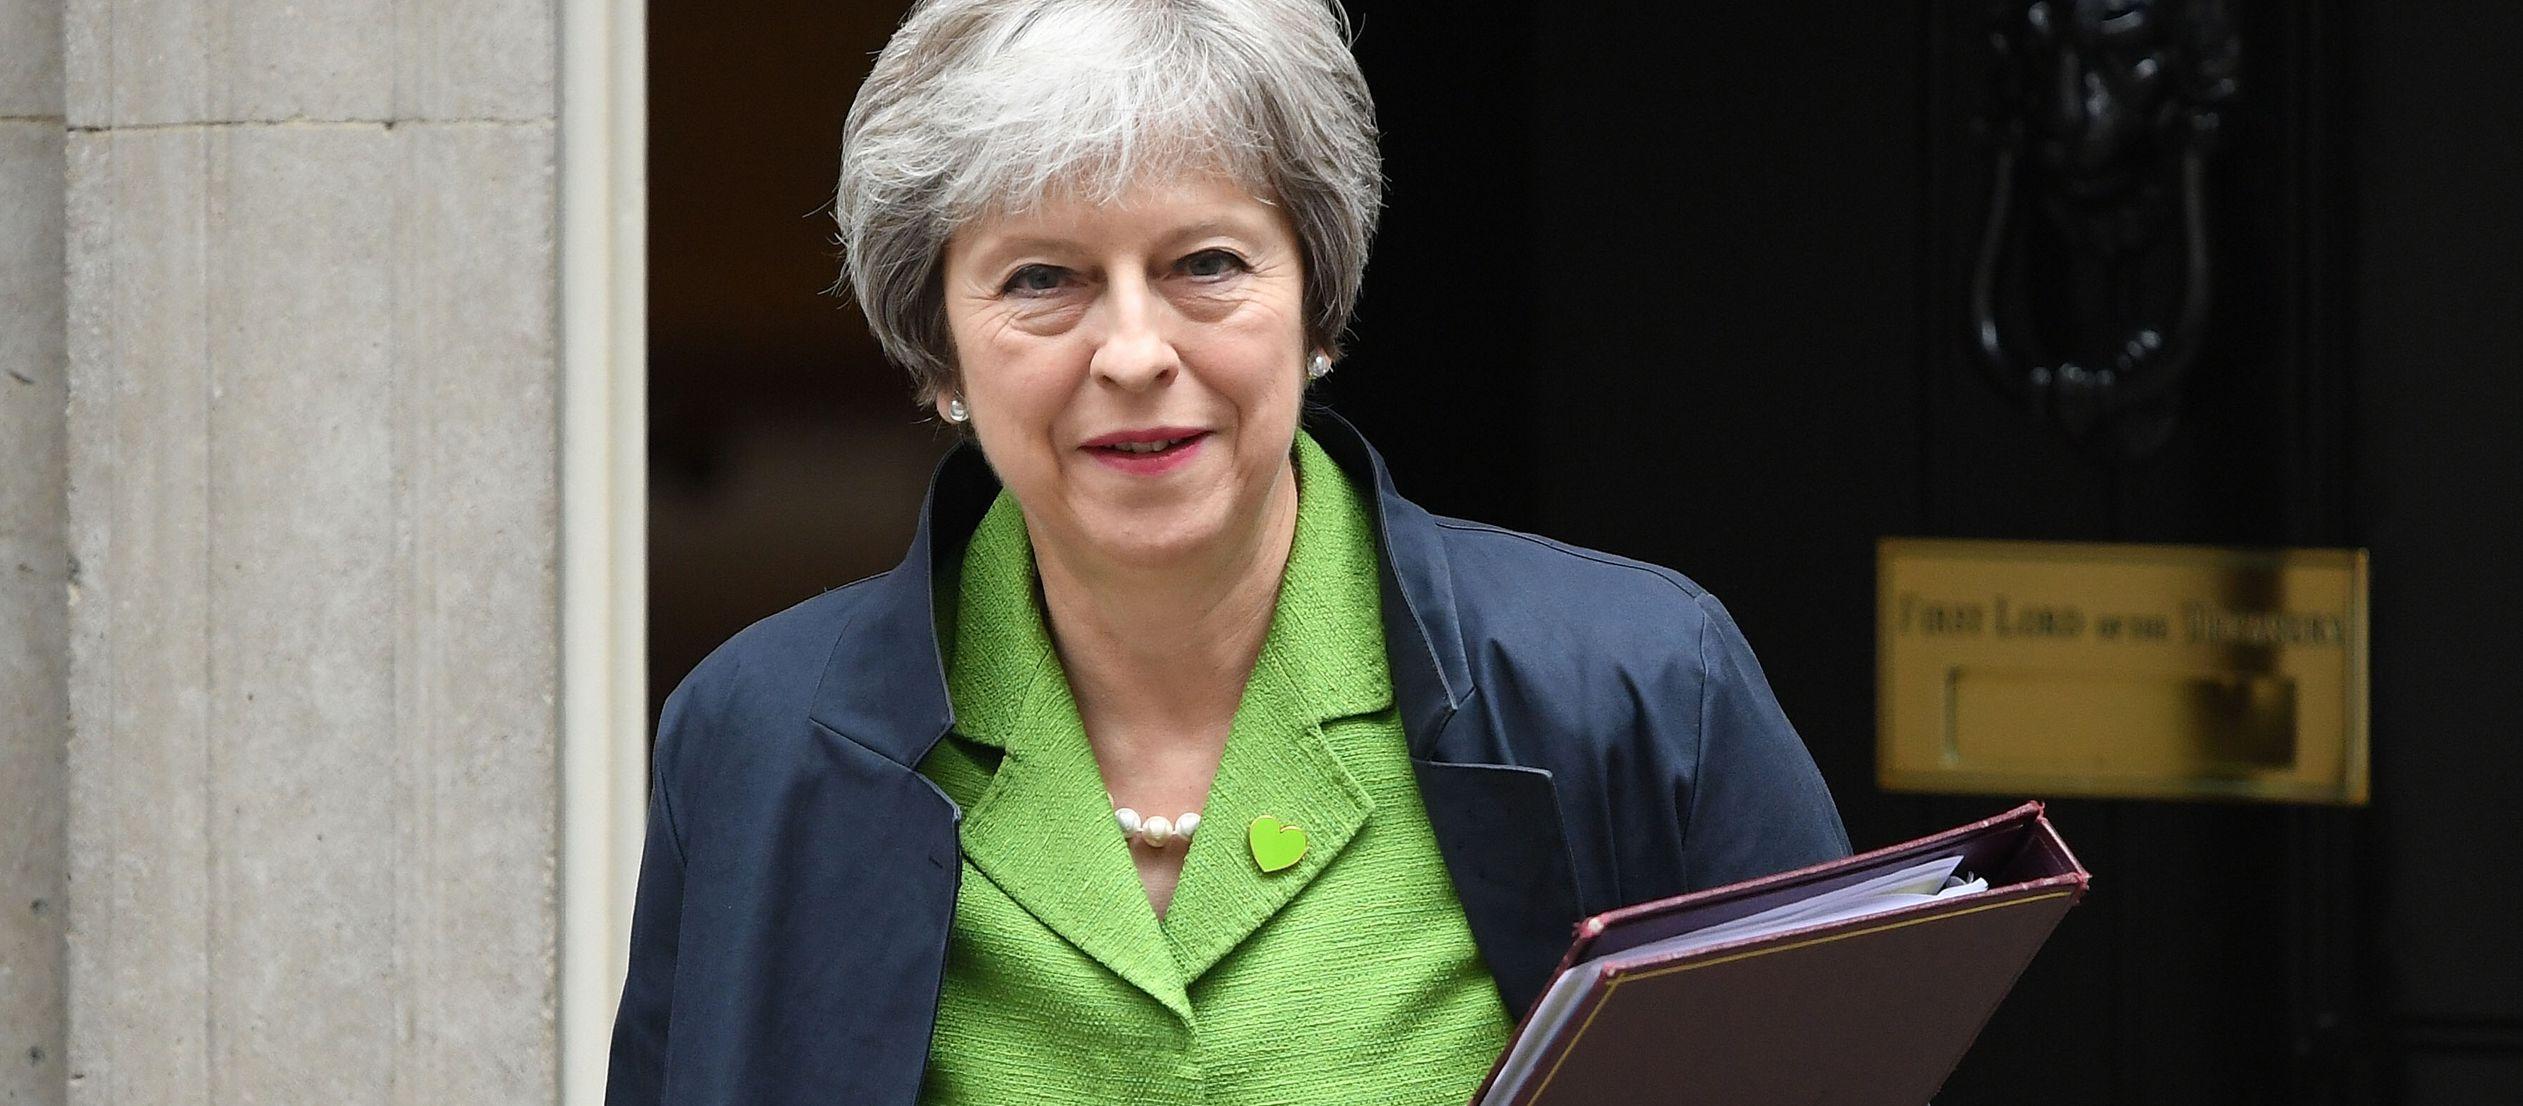 Antes de la votación, May garantizó a los parlamentaria que cumpliría su...